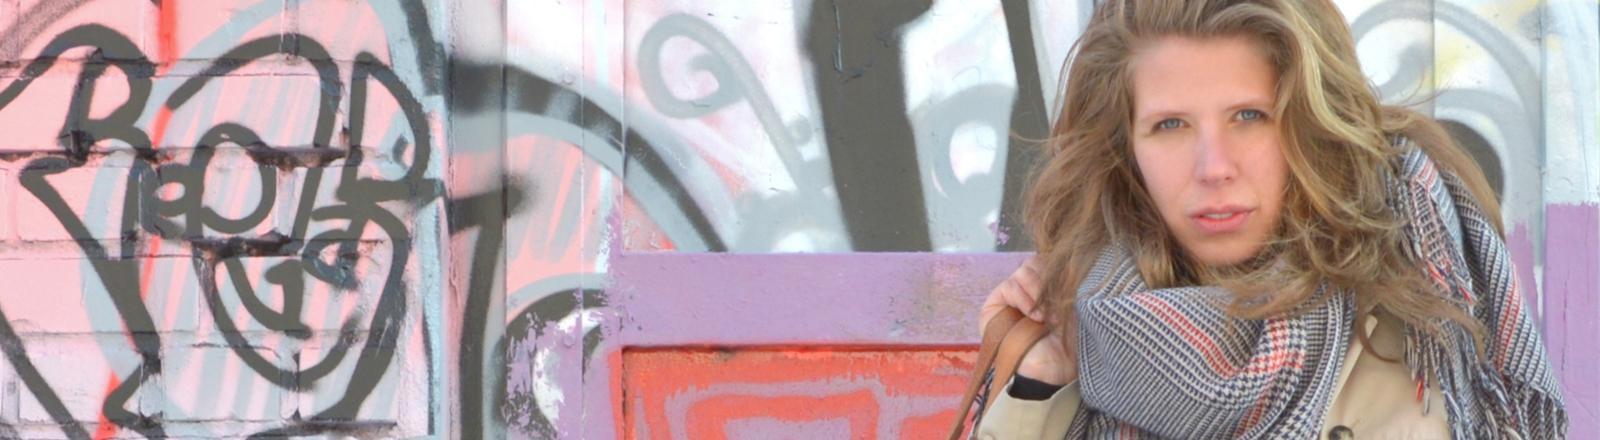 Greta Taubert steht vor einer Wand mit Graffiti.